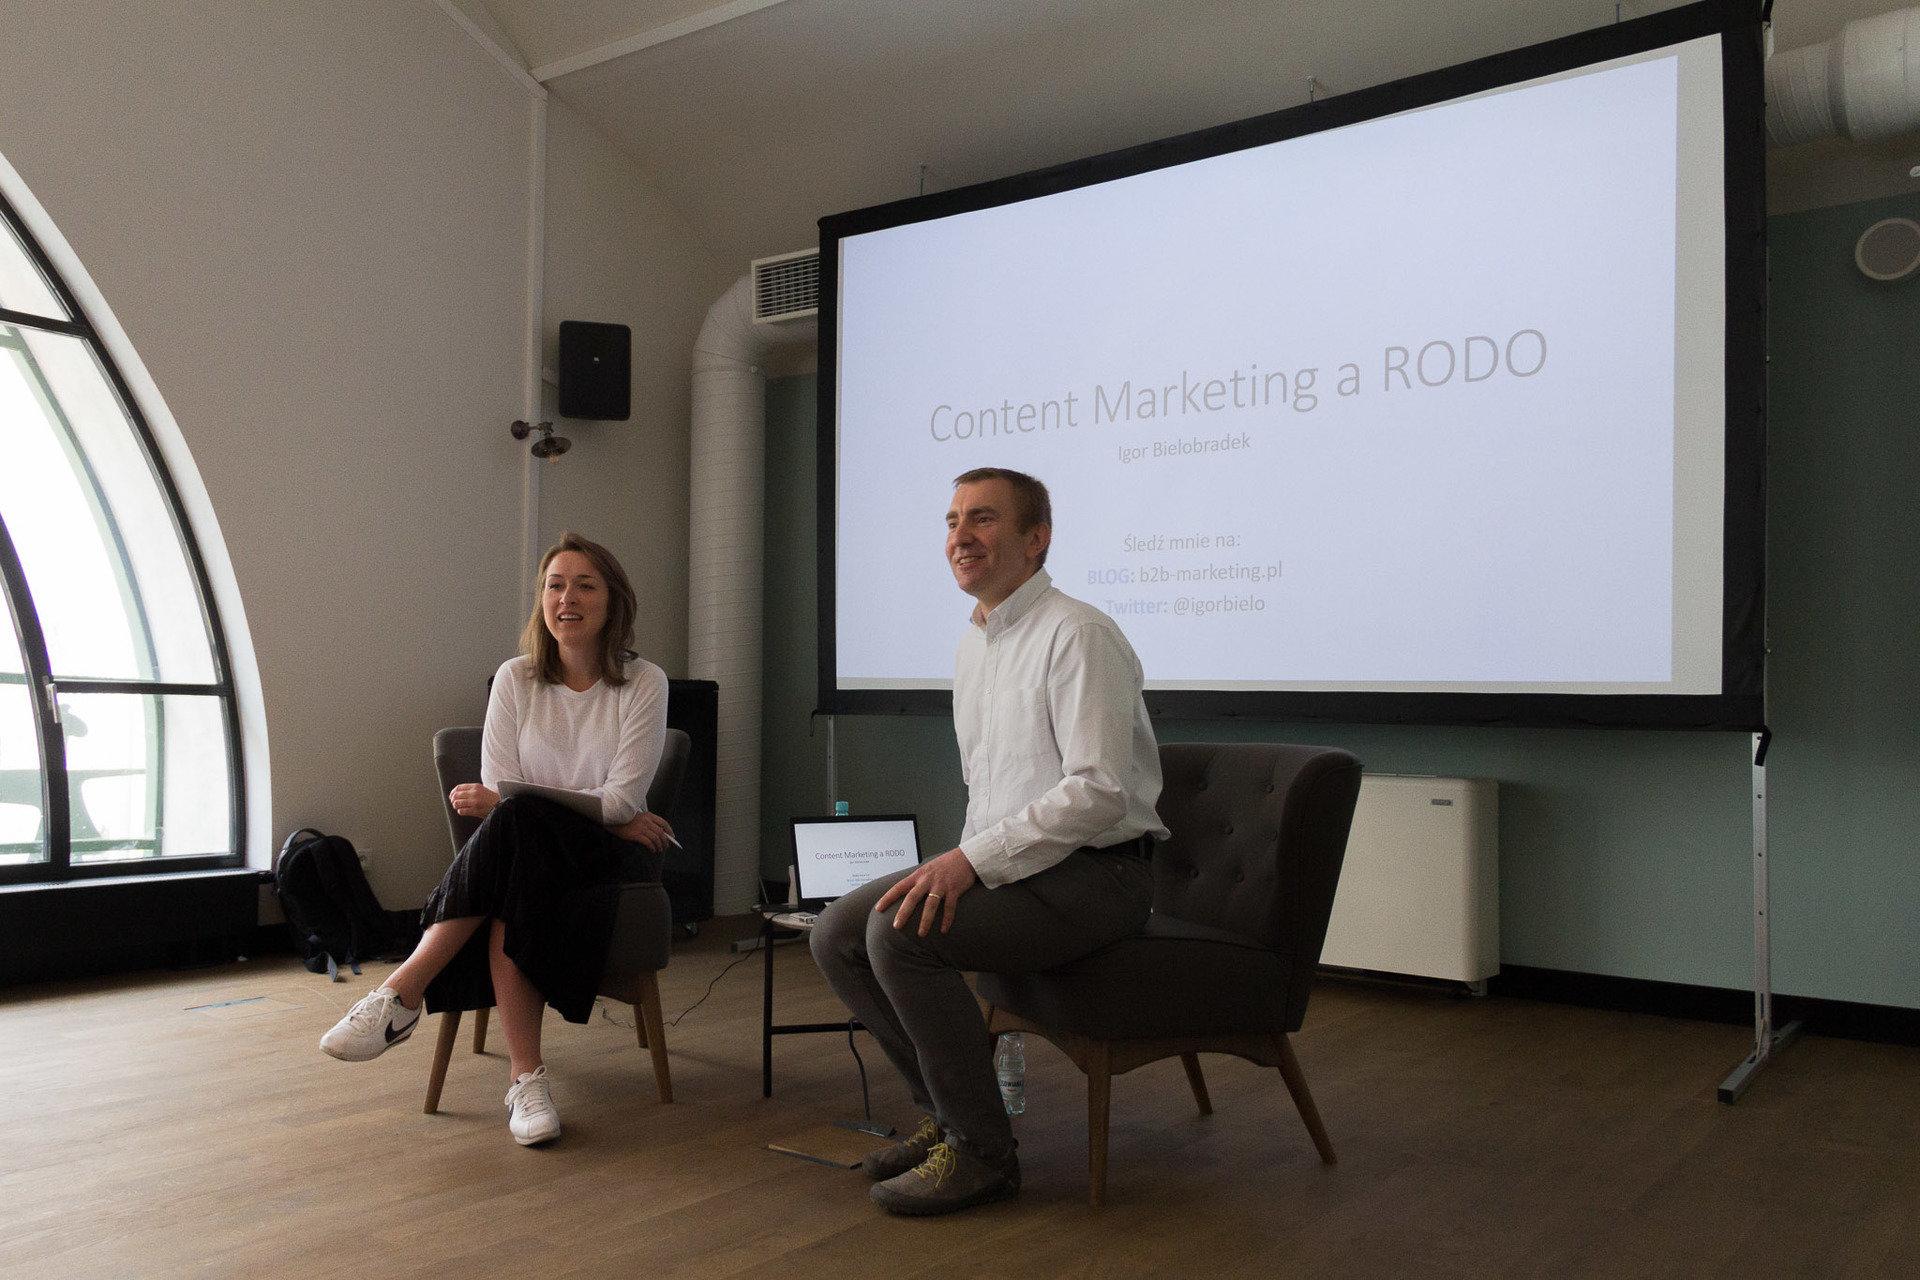 Czym dla content marketingu jest RODO?